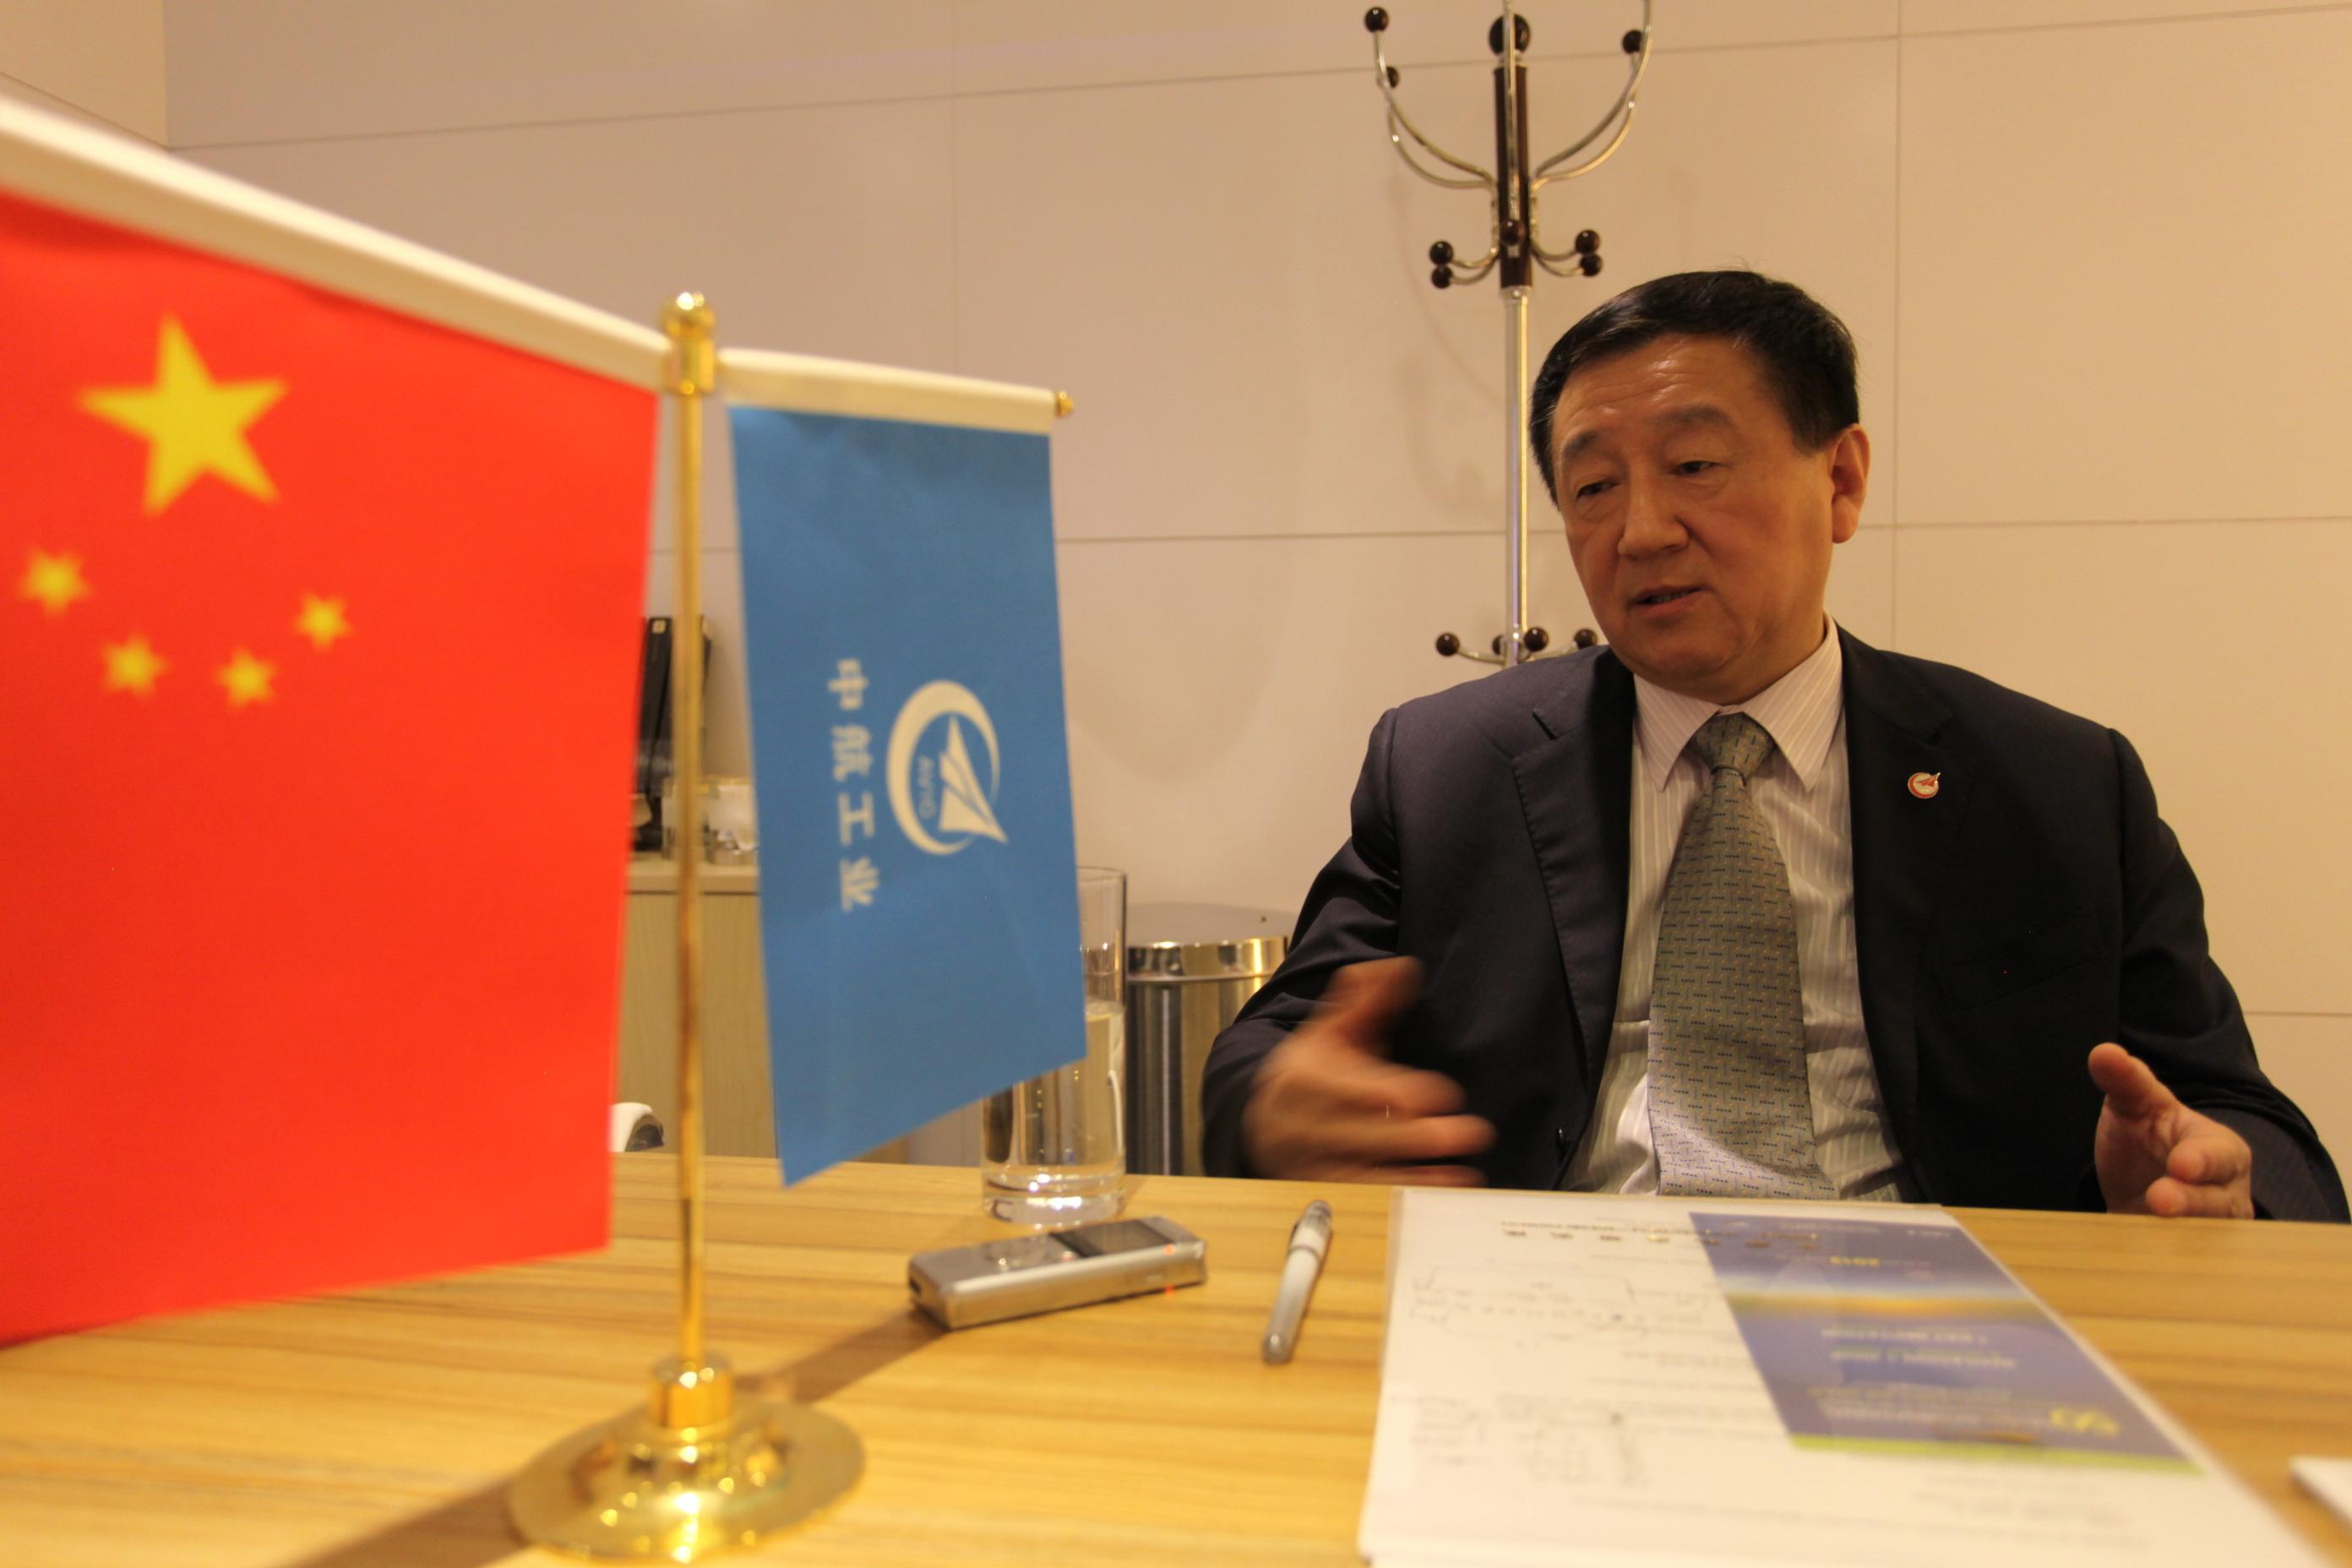 中国航空研究院副院长华俊